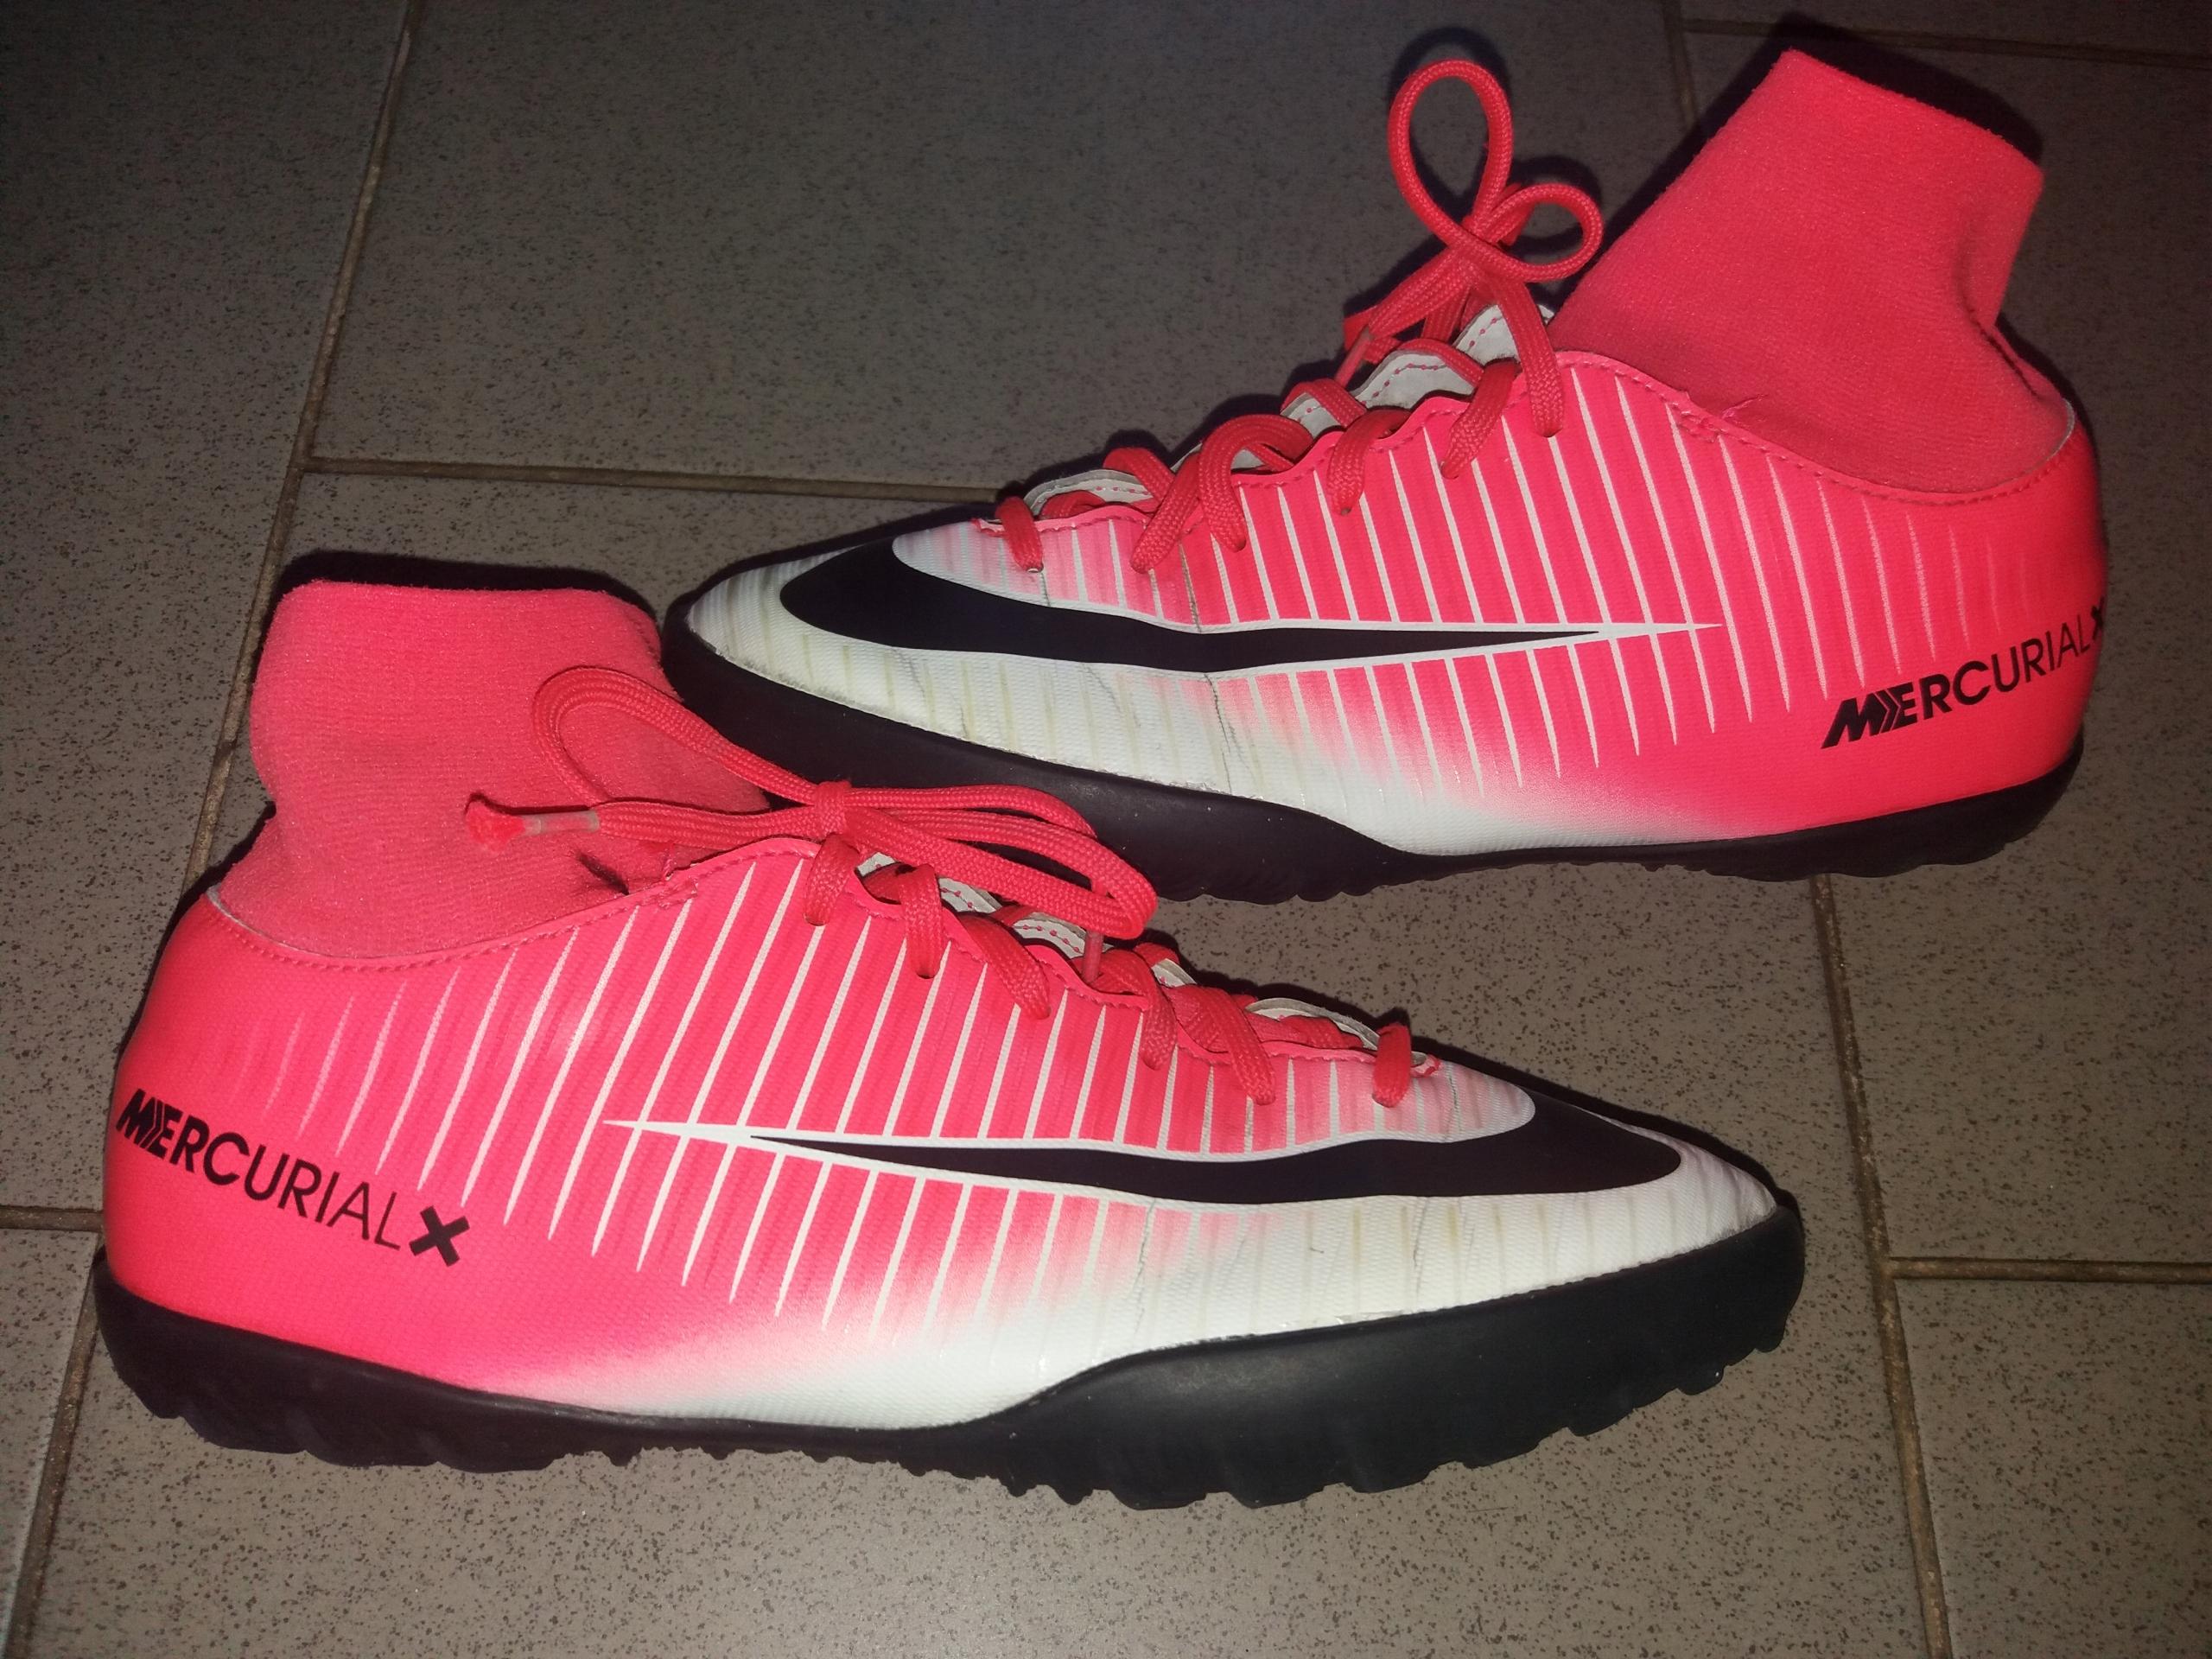 najlepsza wyprzedaż buty na codzień najnowszy projekt Korki buty piłkarskie turfy Nike skarpeta roz. 38